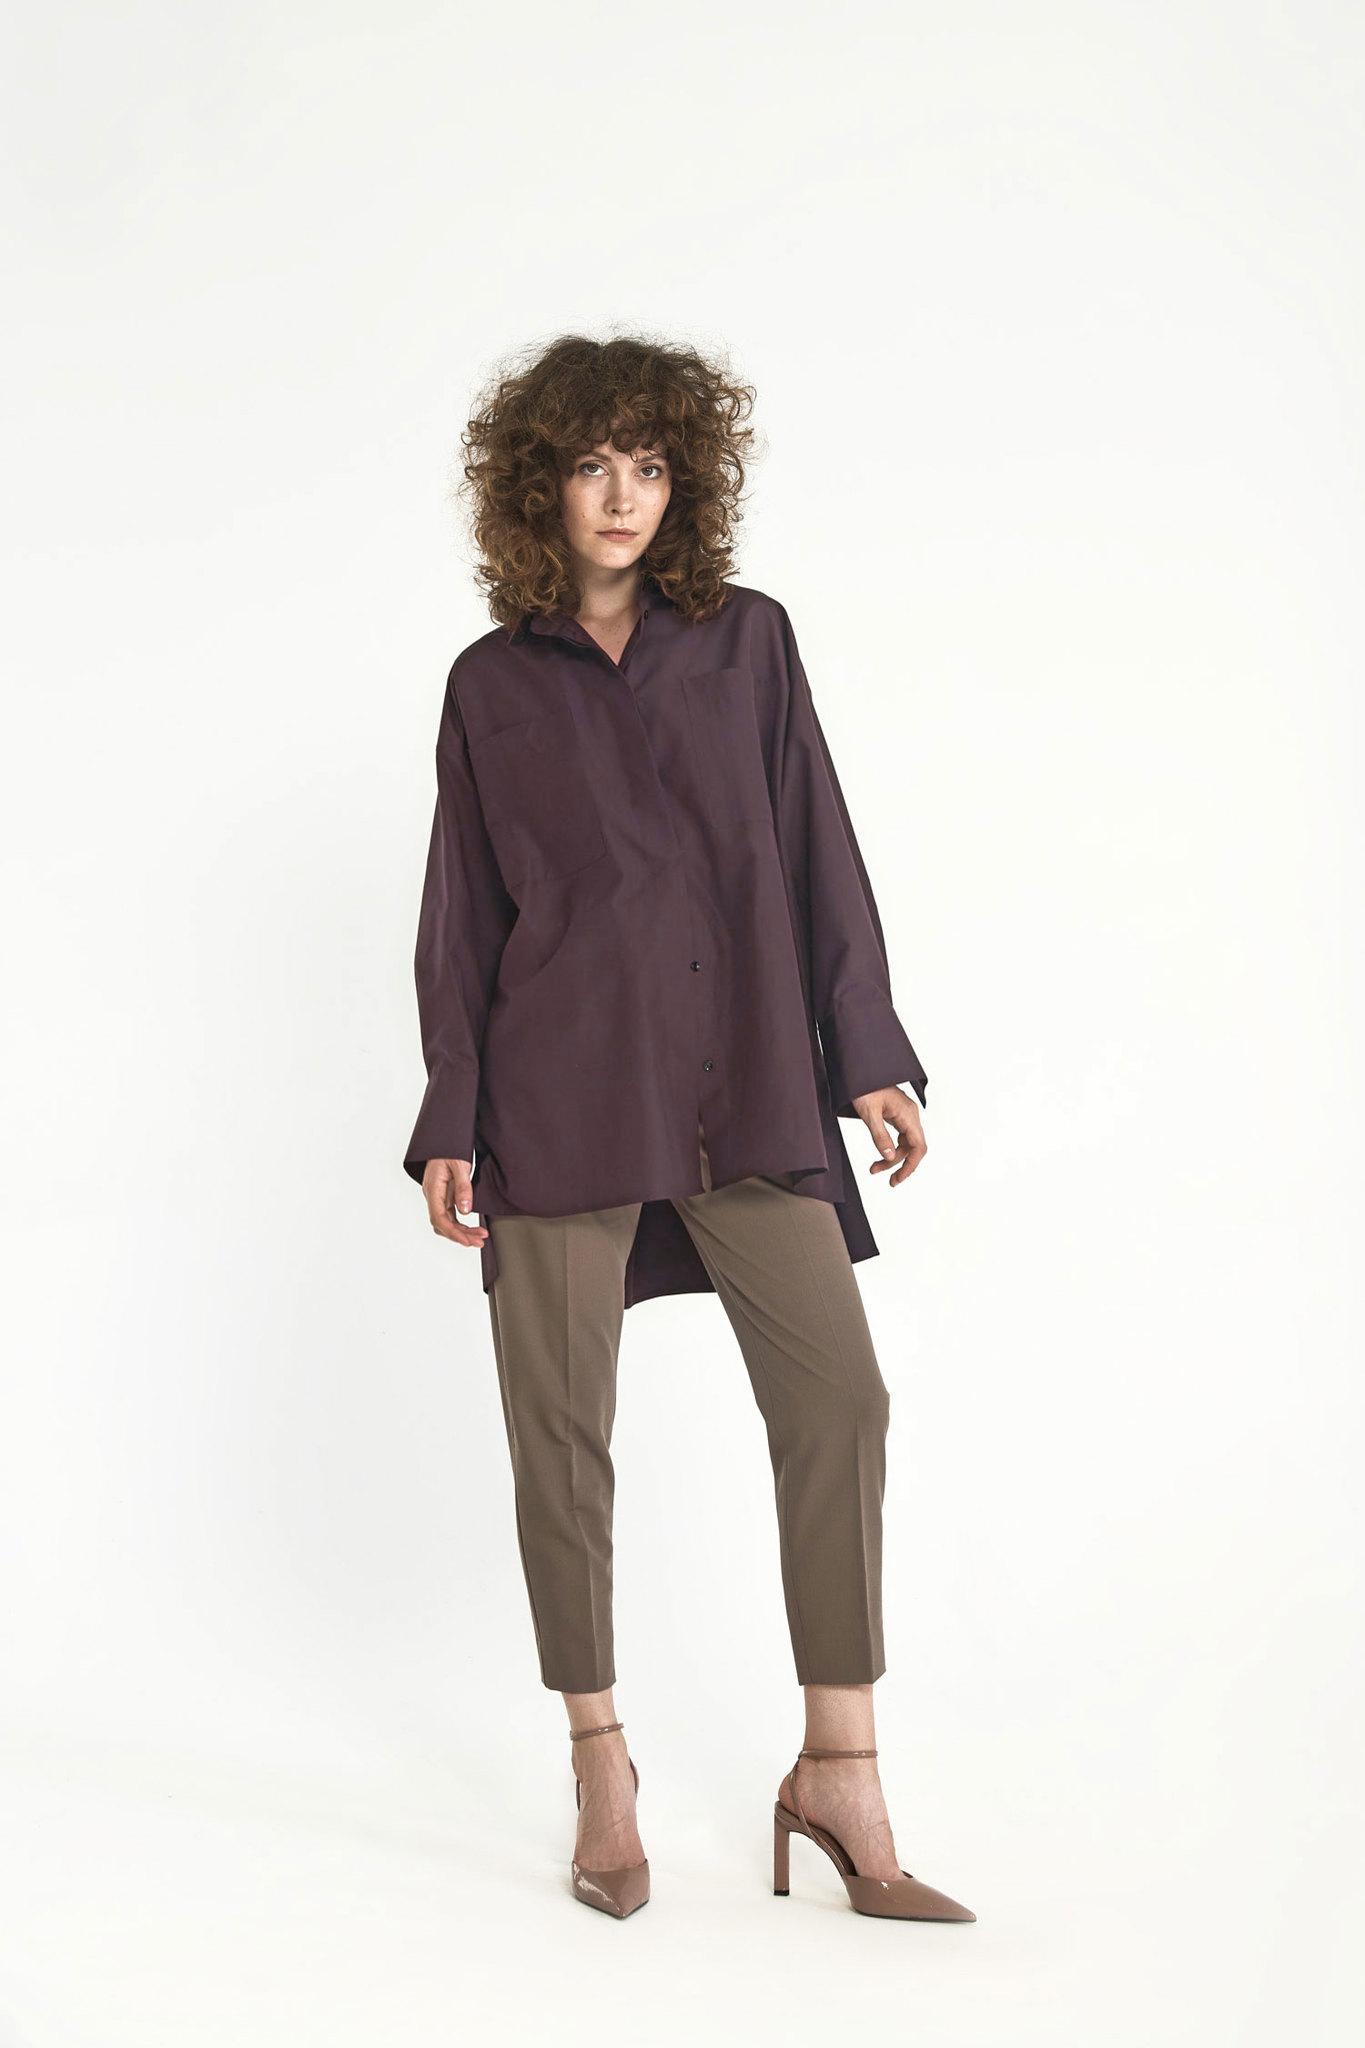 Рубашка оверсайз в мужском стиле, винный